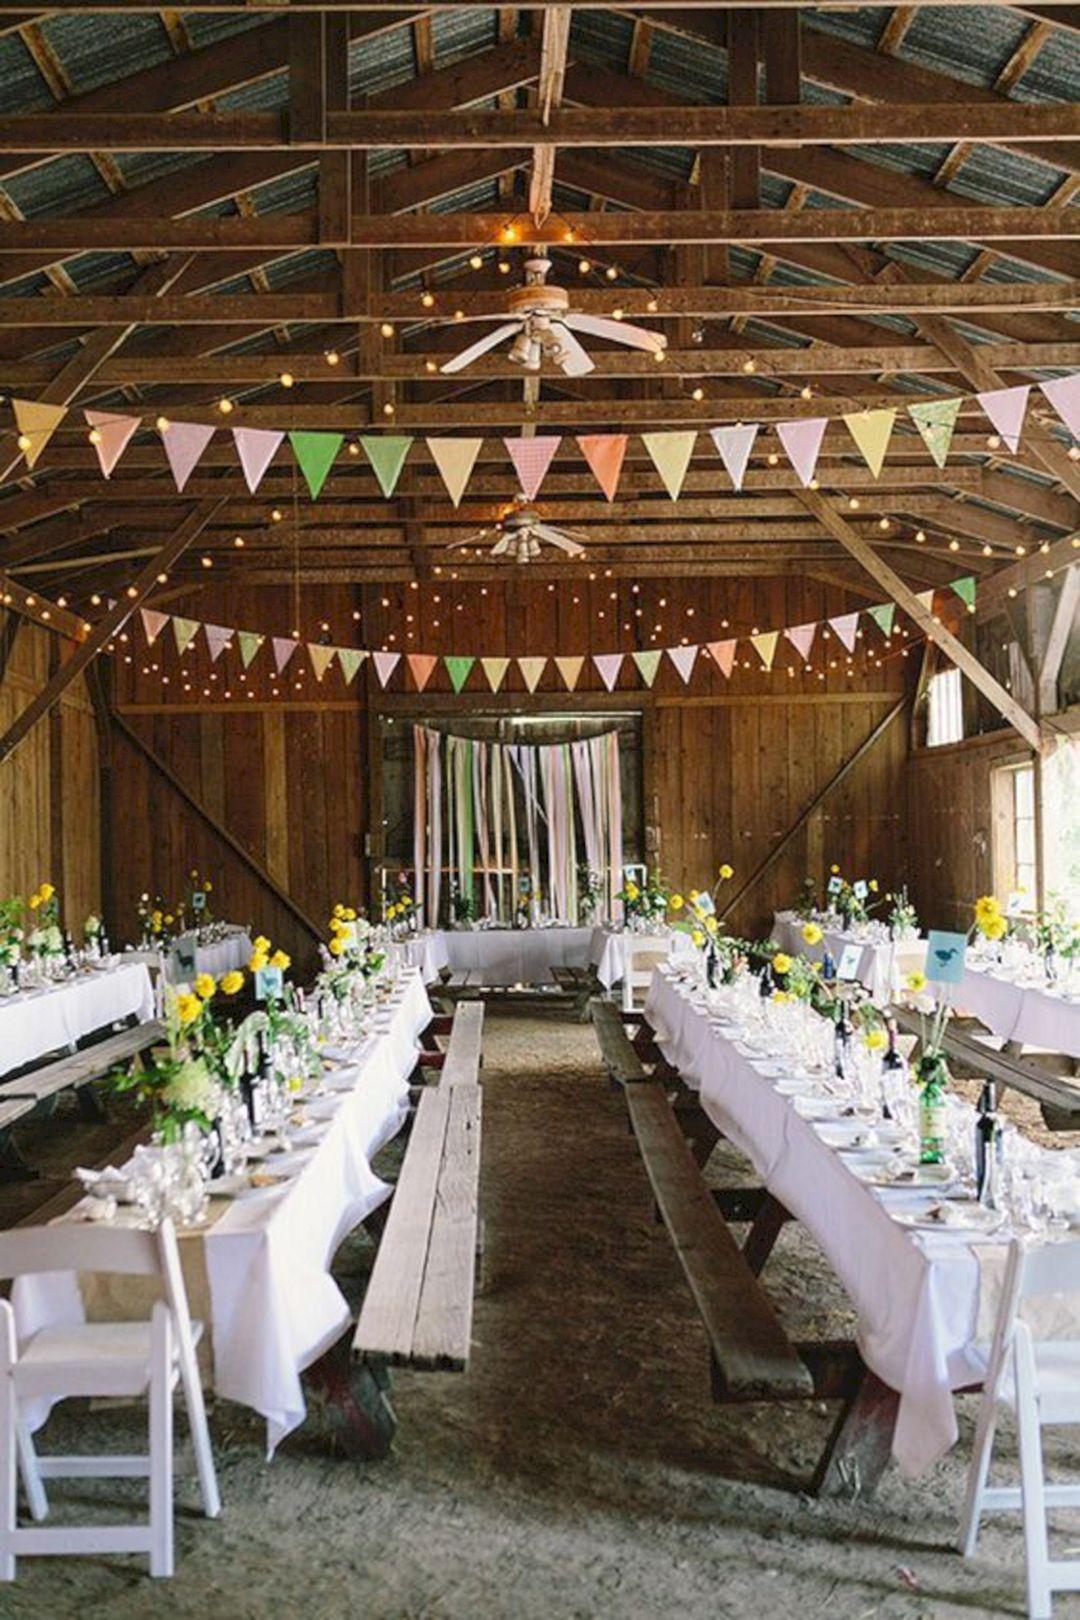 Farm wedding decor ideas  Wonderful  Rustic Reception Decoration Ideas for Your Wedding